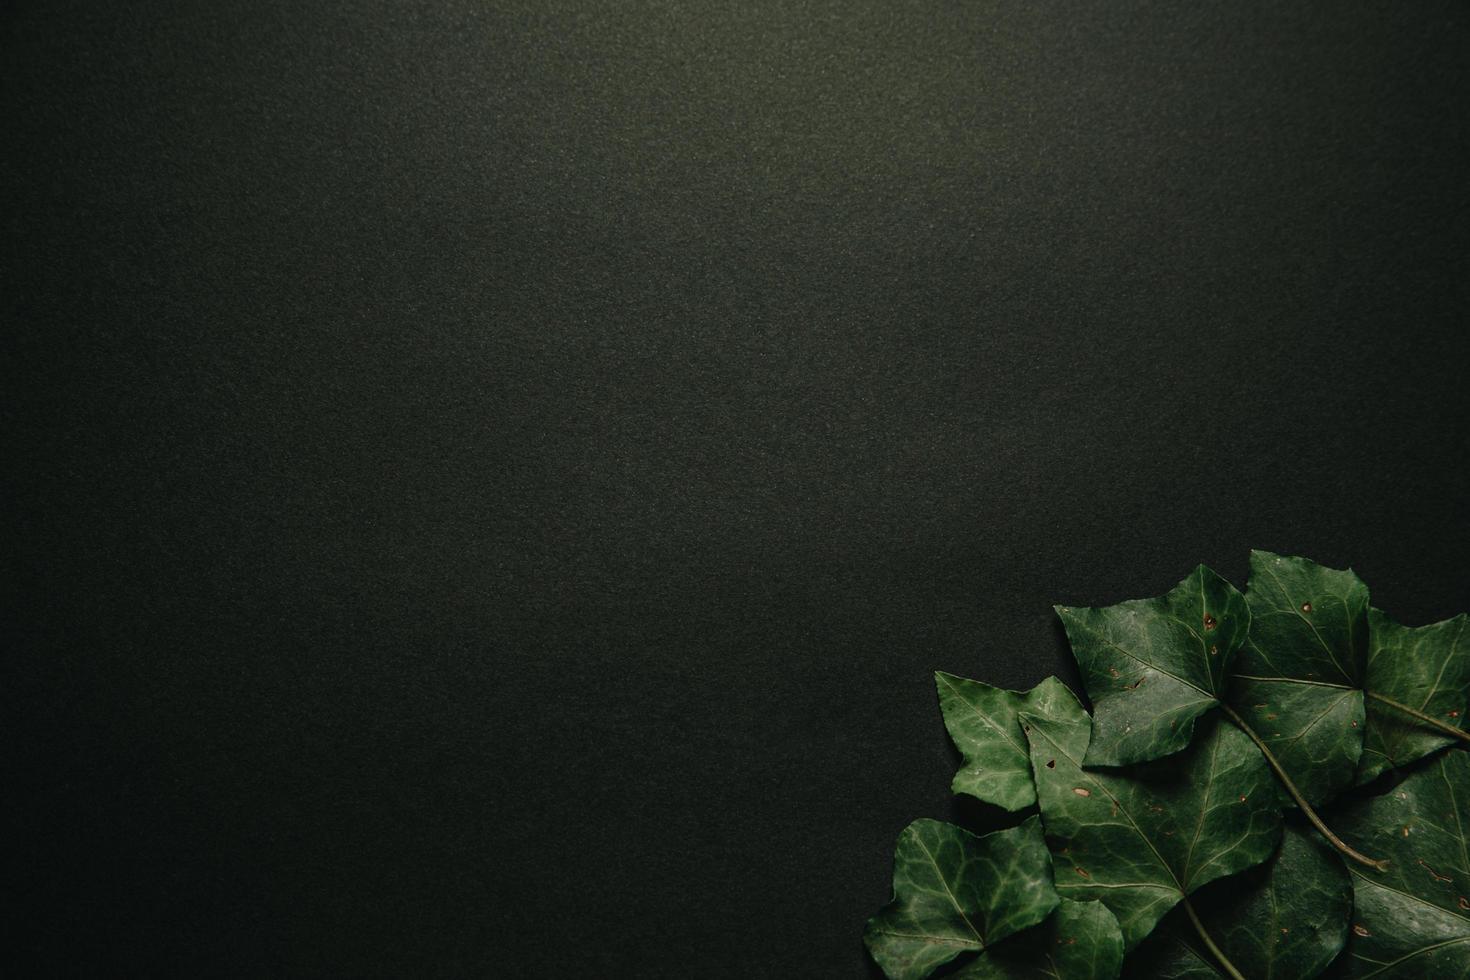 dunkler Hintergrund mit grünen Blättern in der Ecke foto